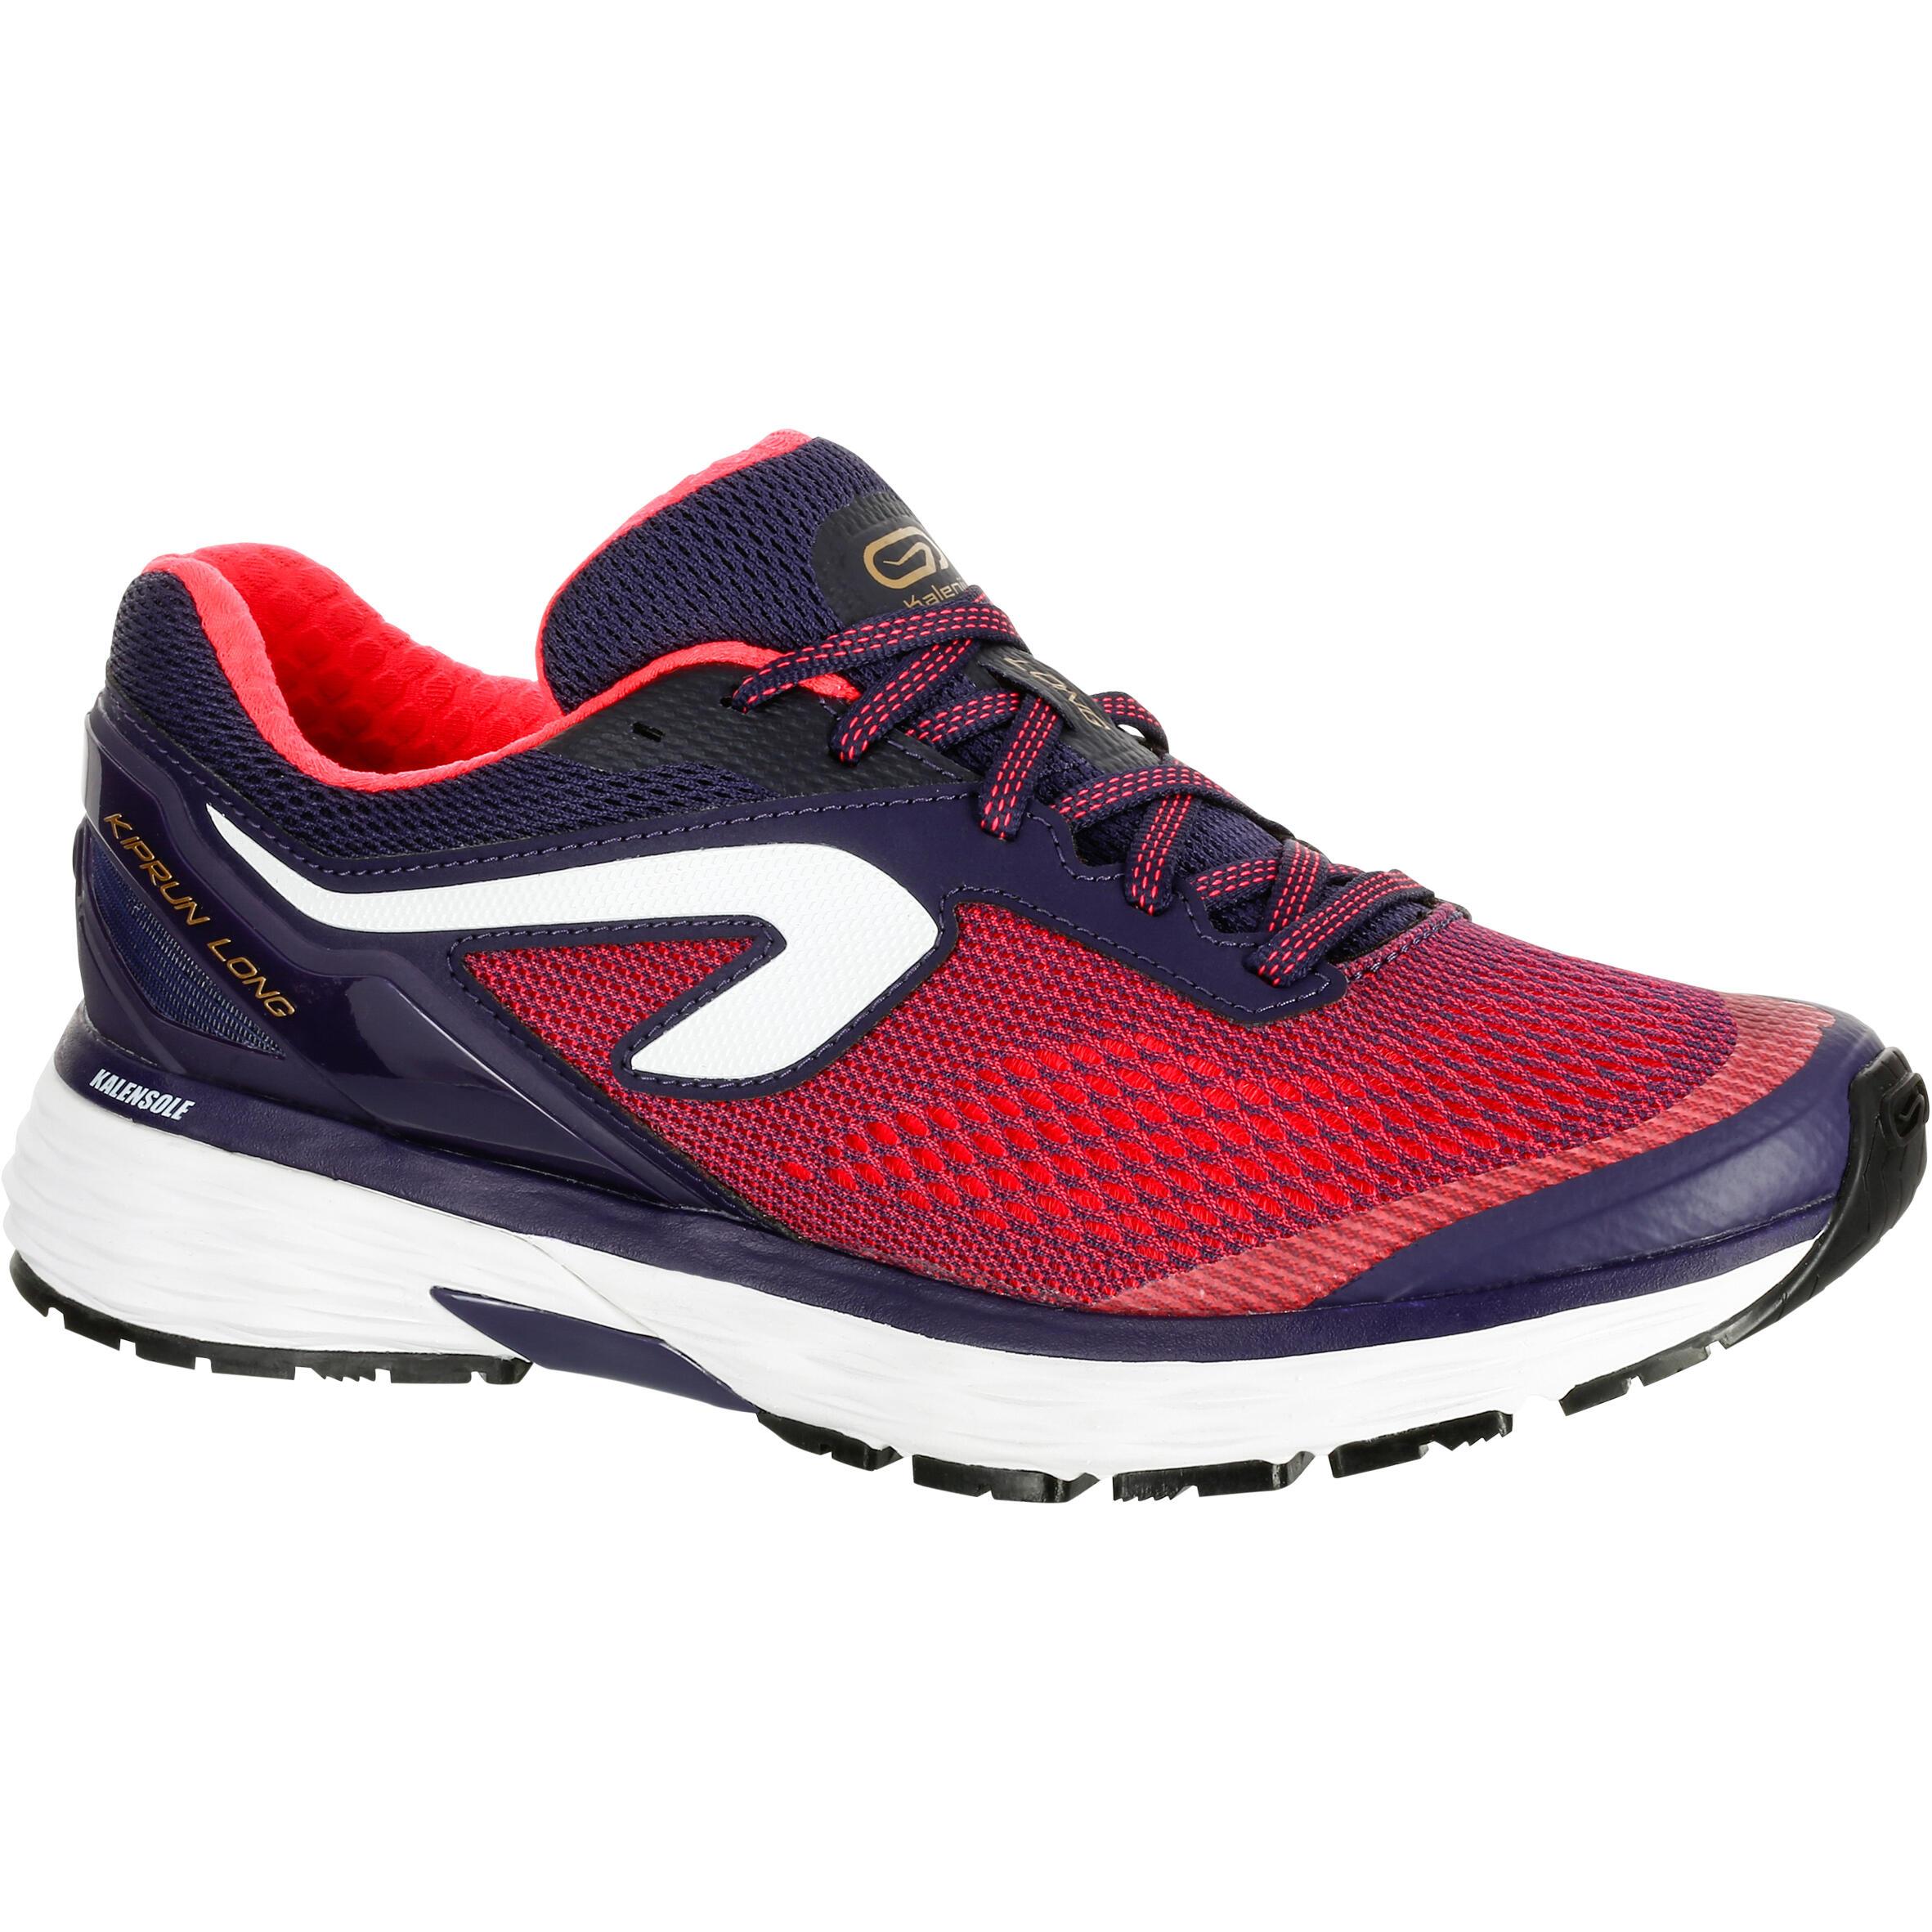 2501781 Kalenji Hardloopschoenen voor dames Kiprun Long koraal blauw